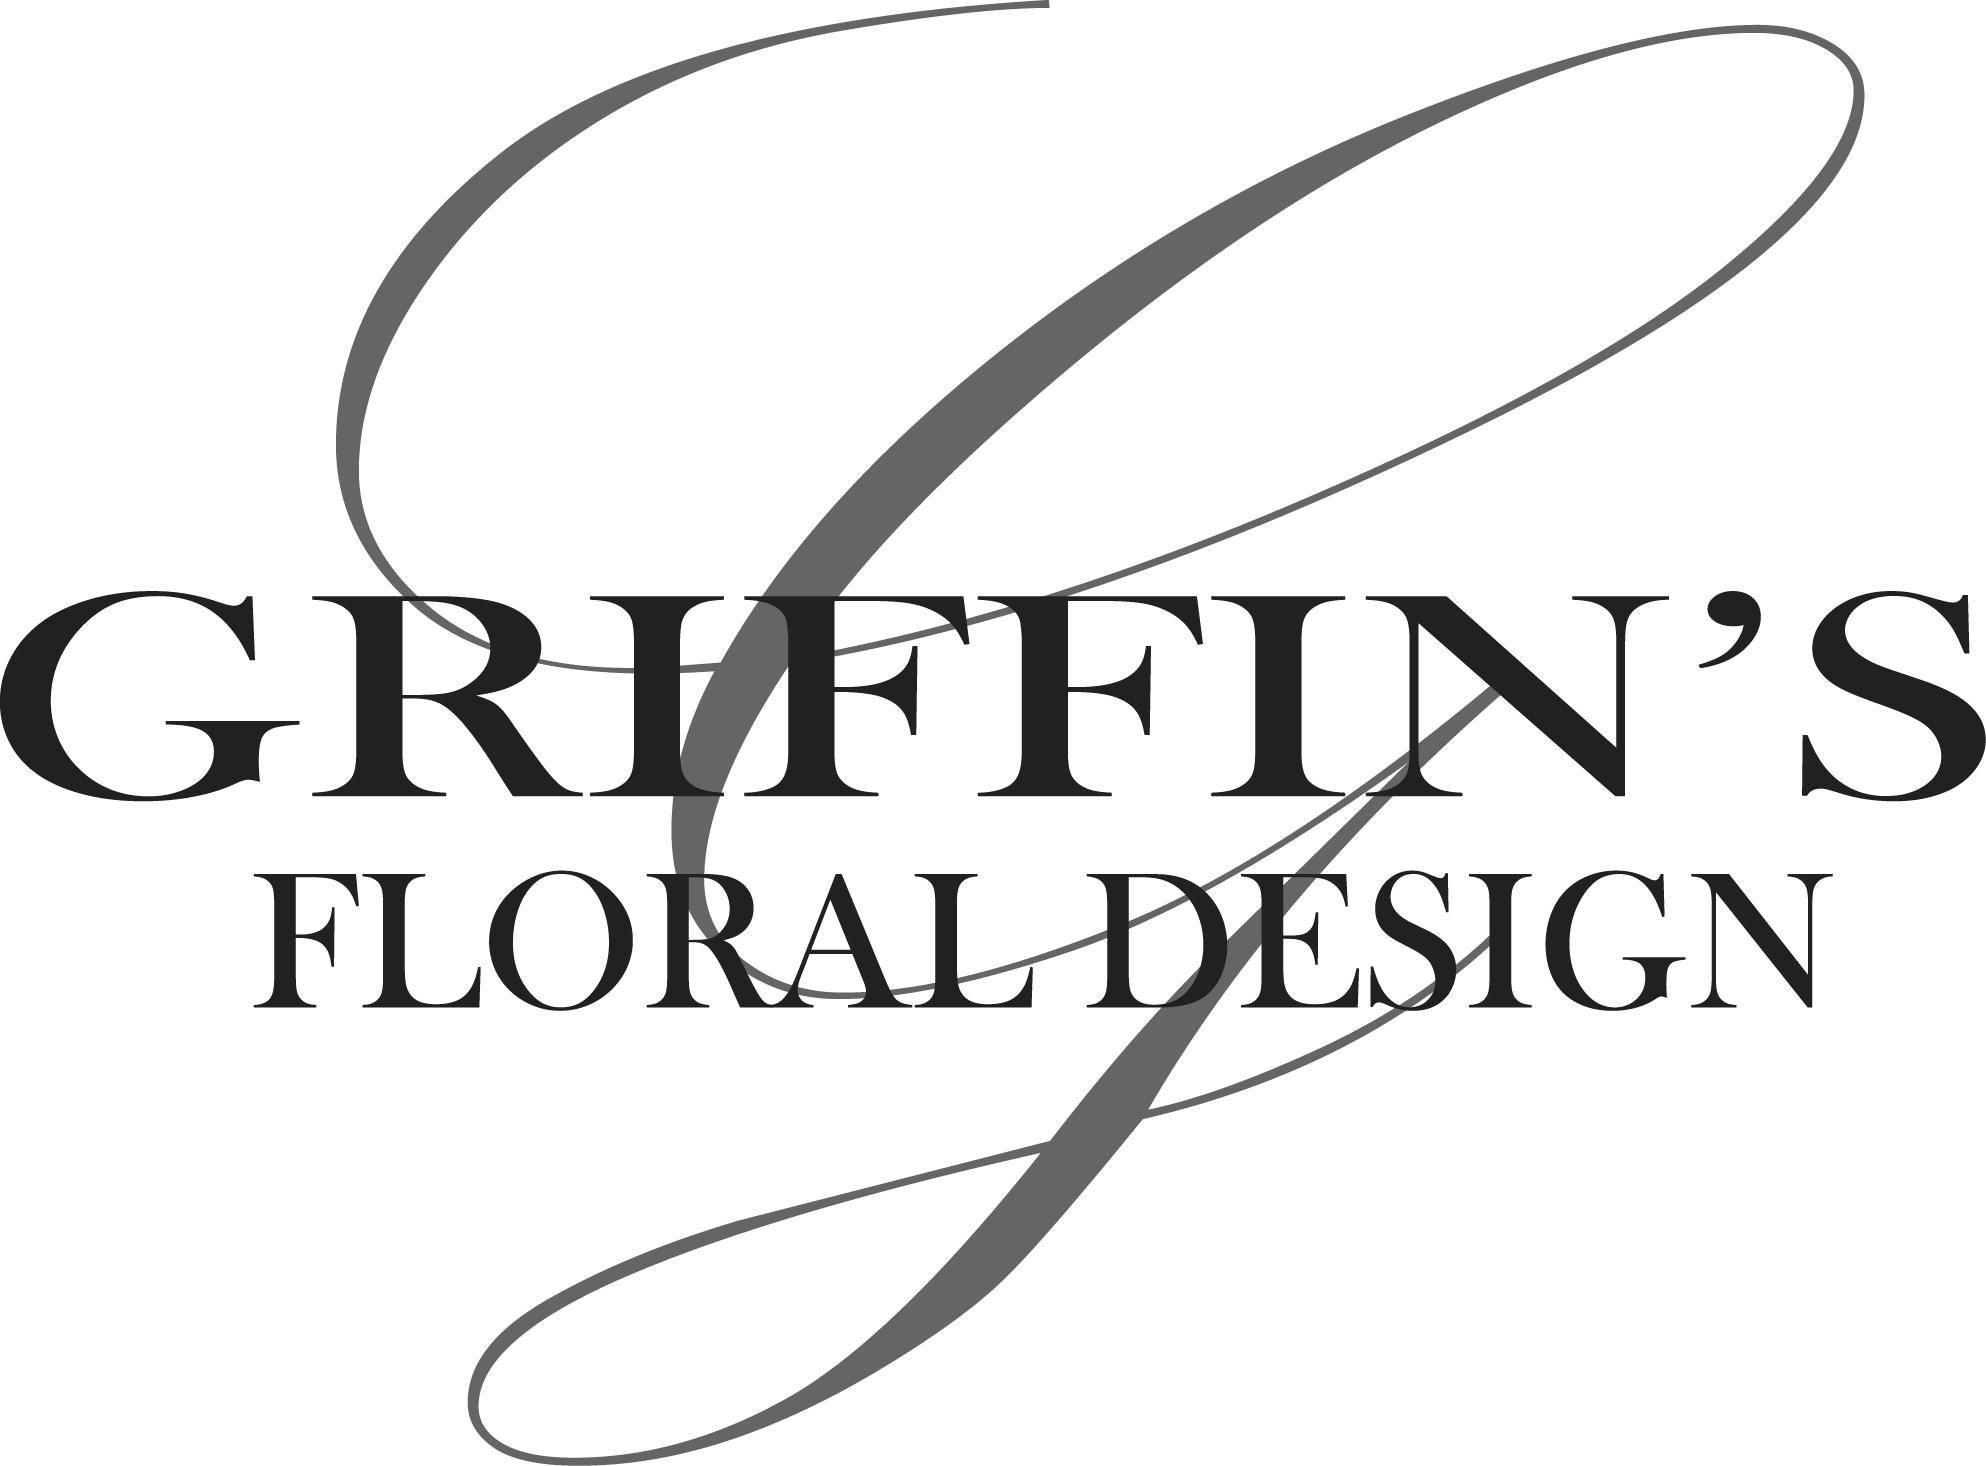 Griffin's Floral Design & Wine Shop